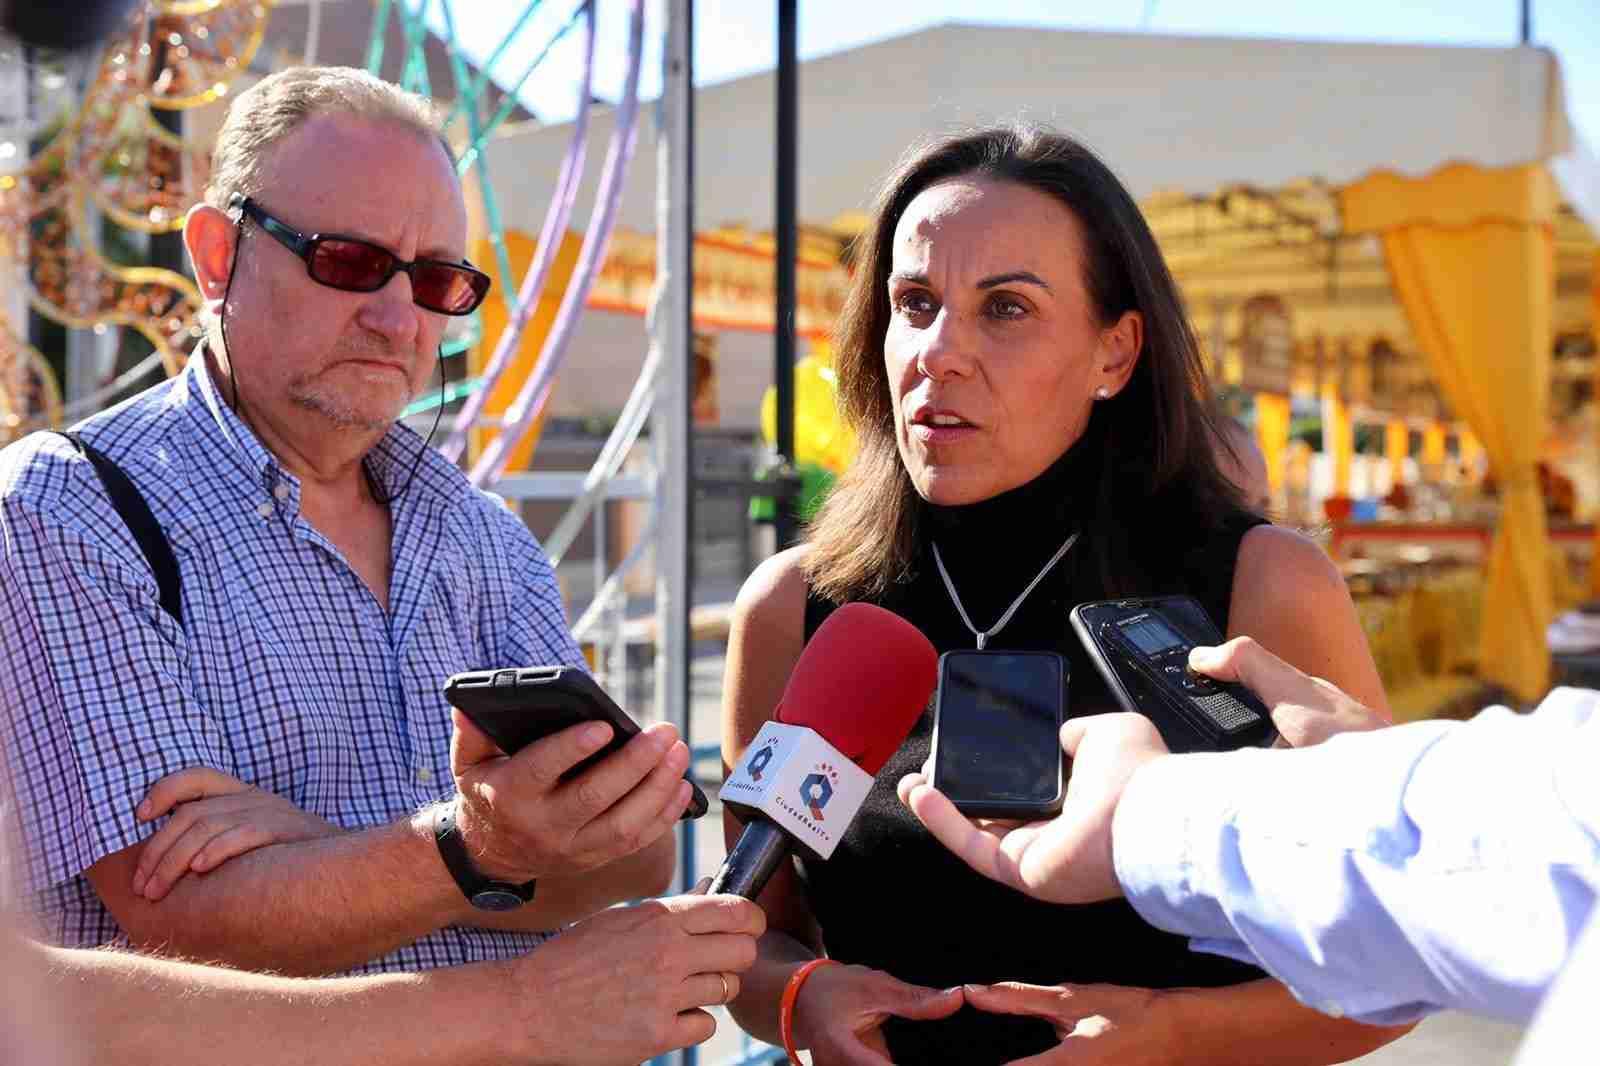 Ciudadanos hace posible el ruego de que en la Feria y Fiestas de Ciudad Real 2019 haya un día sin ruido 3